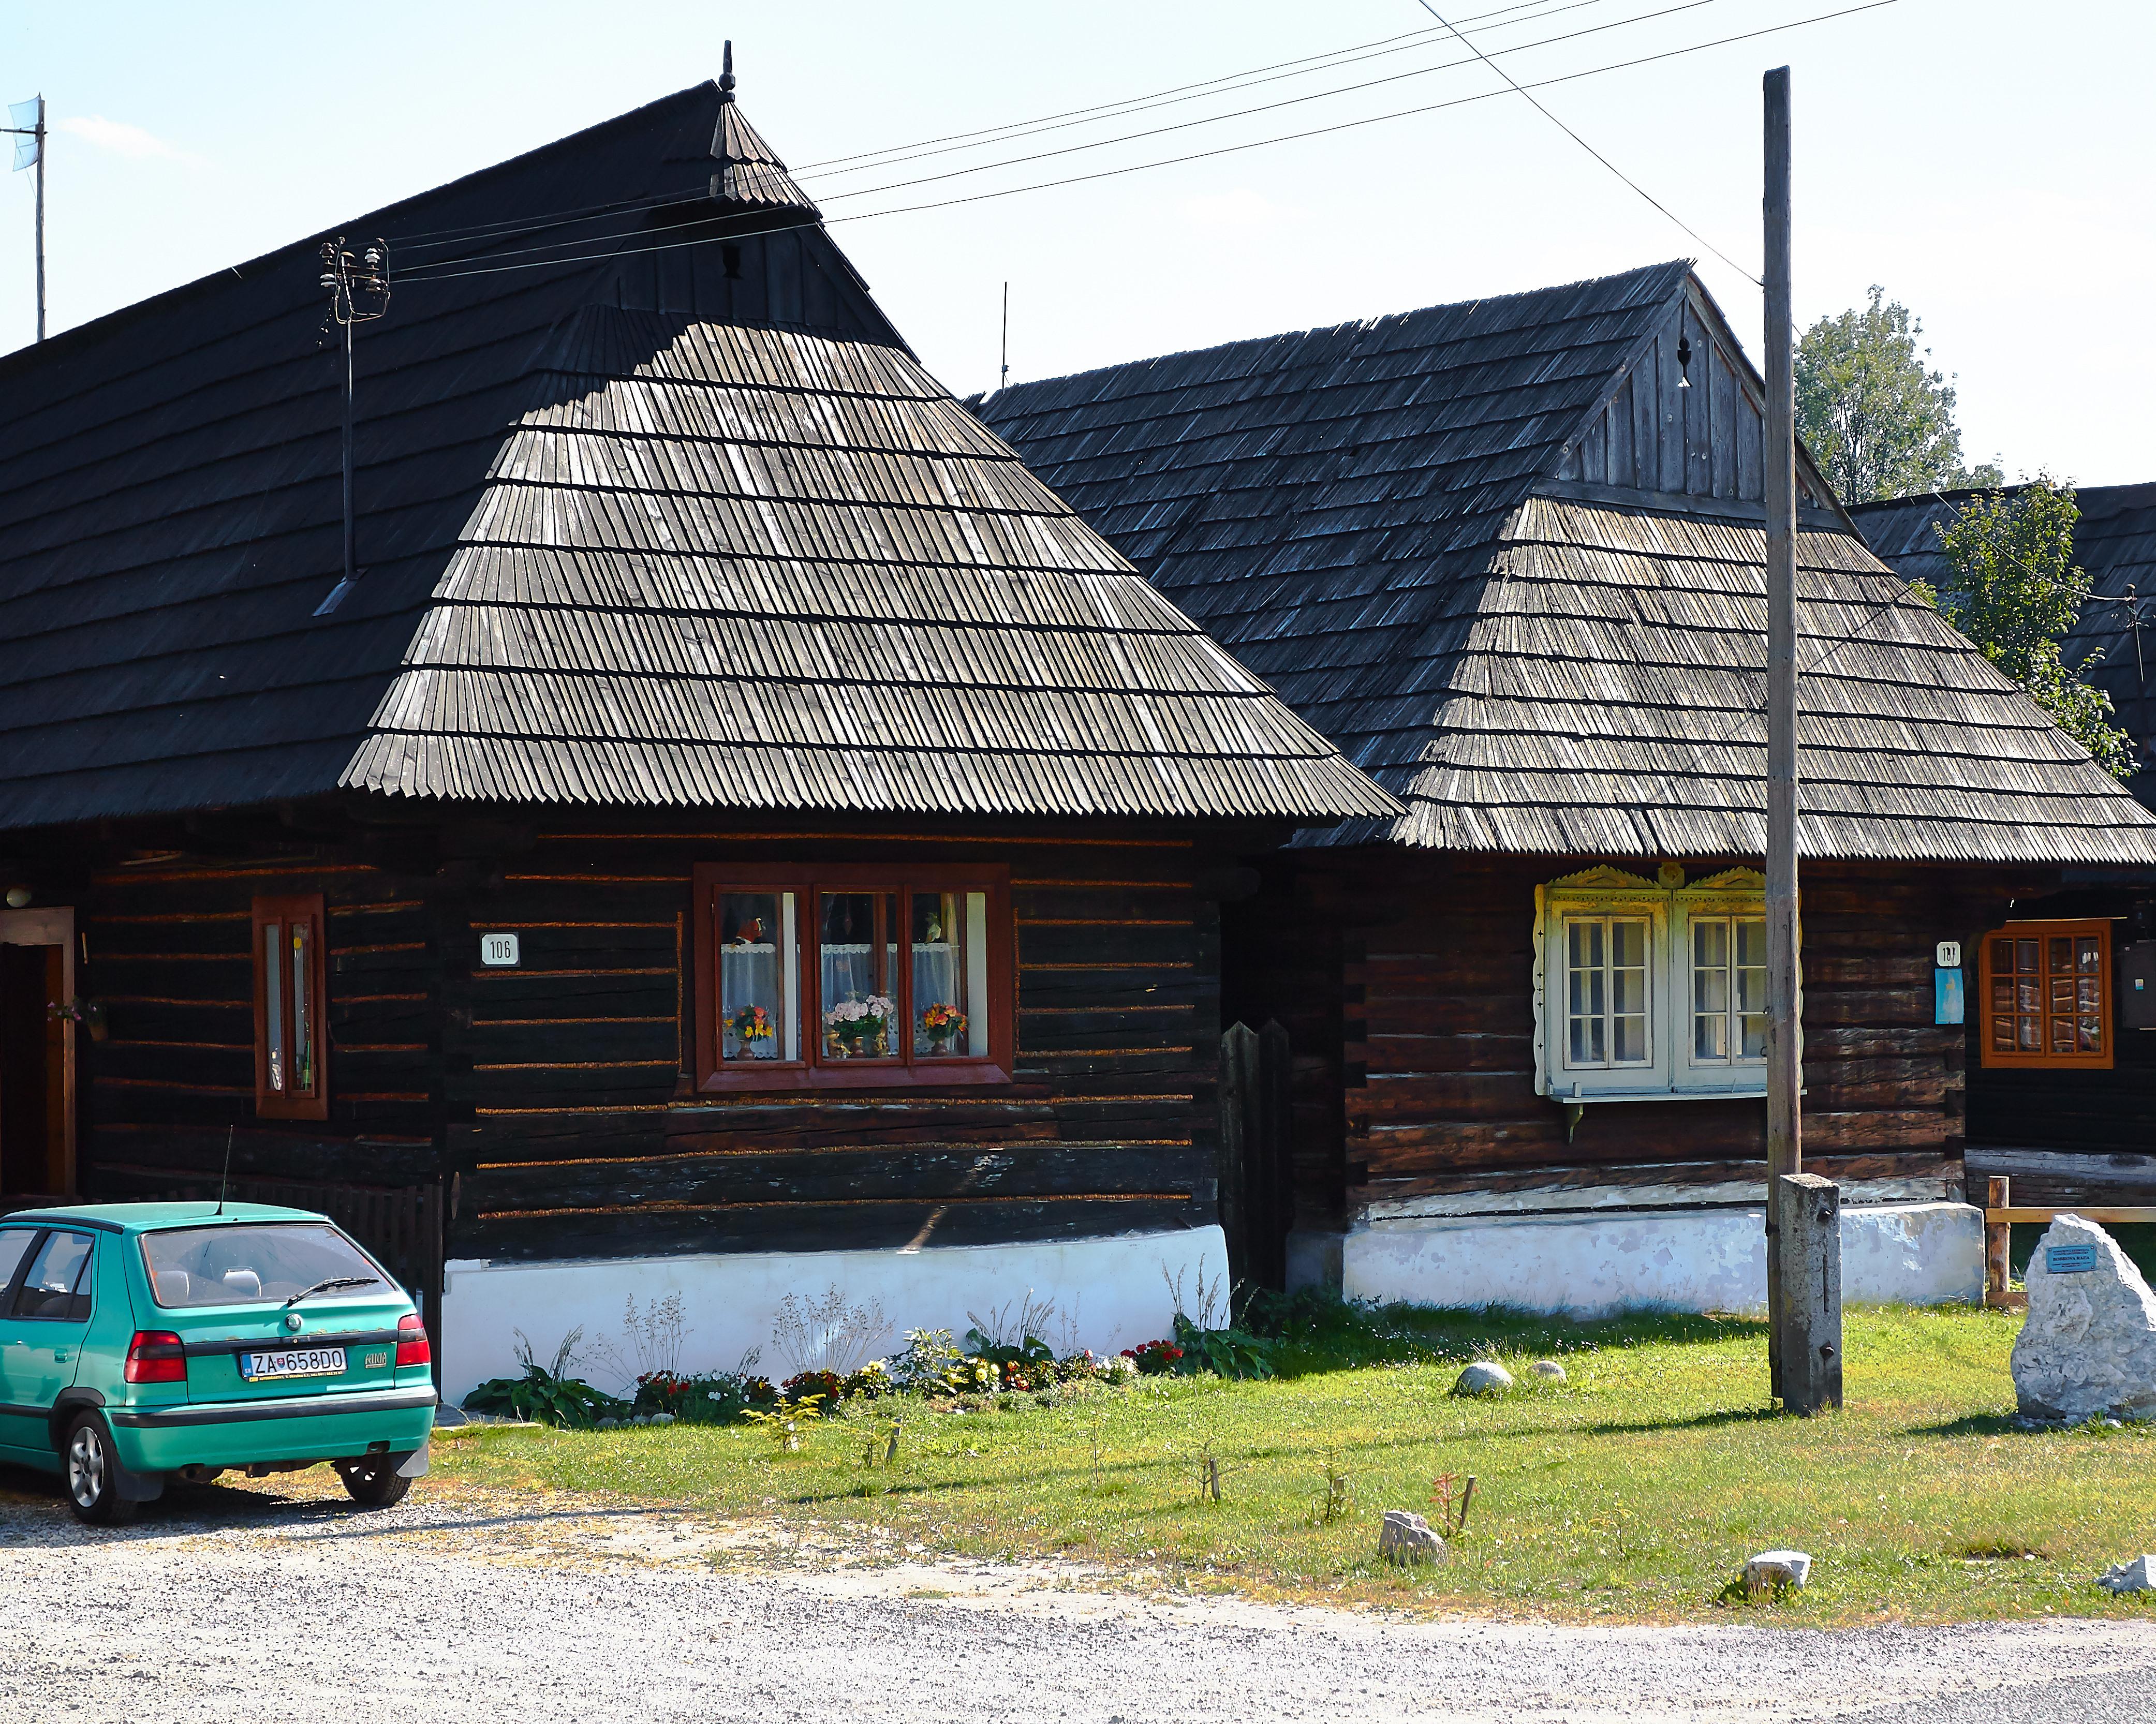 Bauernhaus in der Tatra